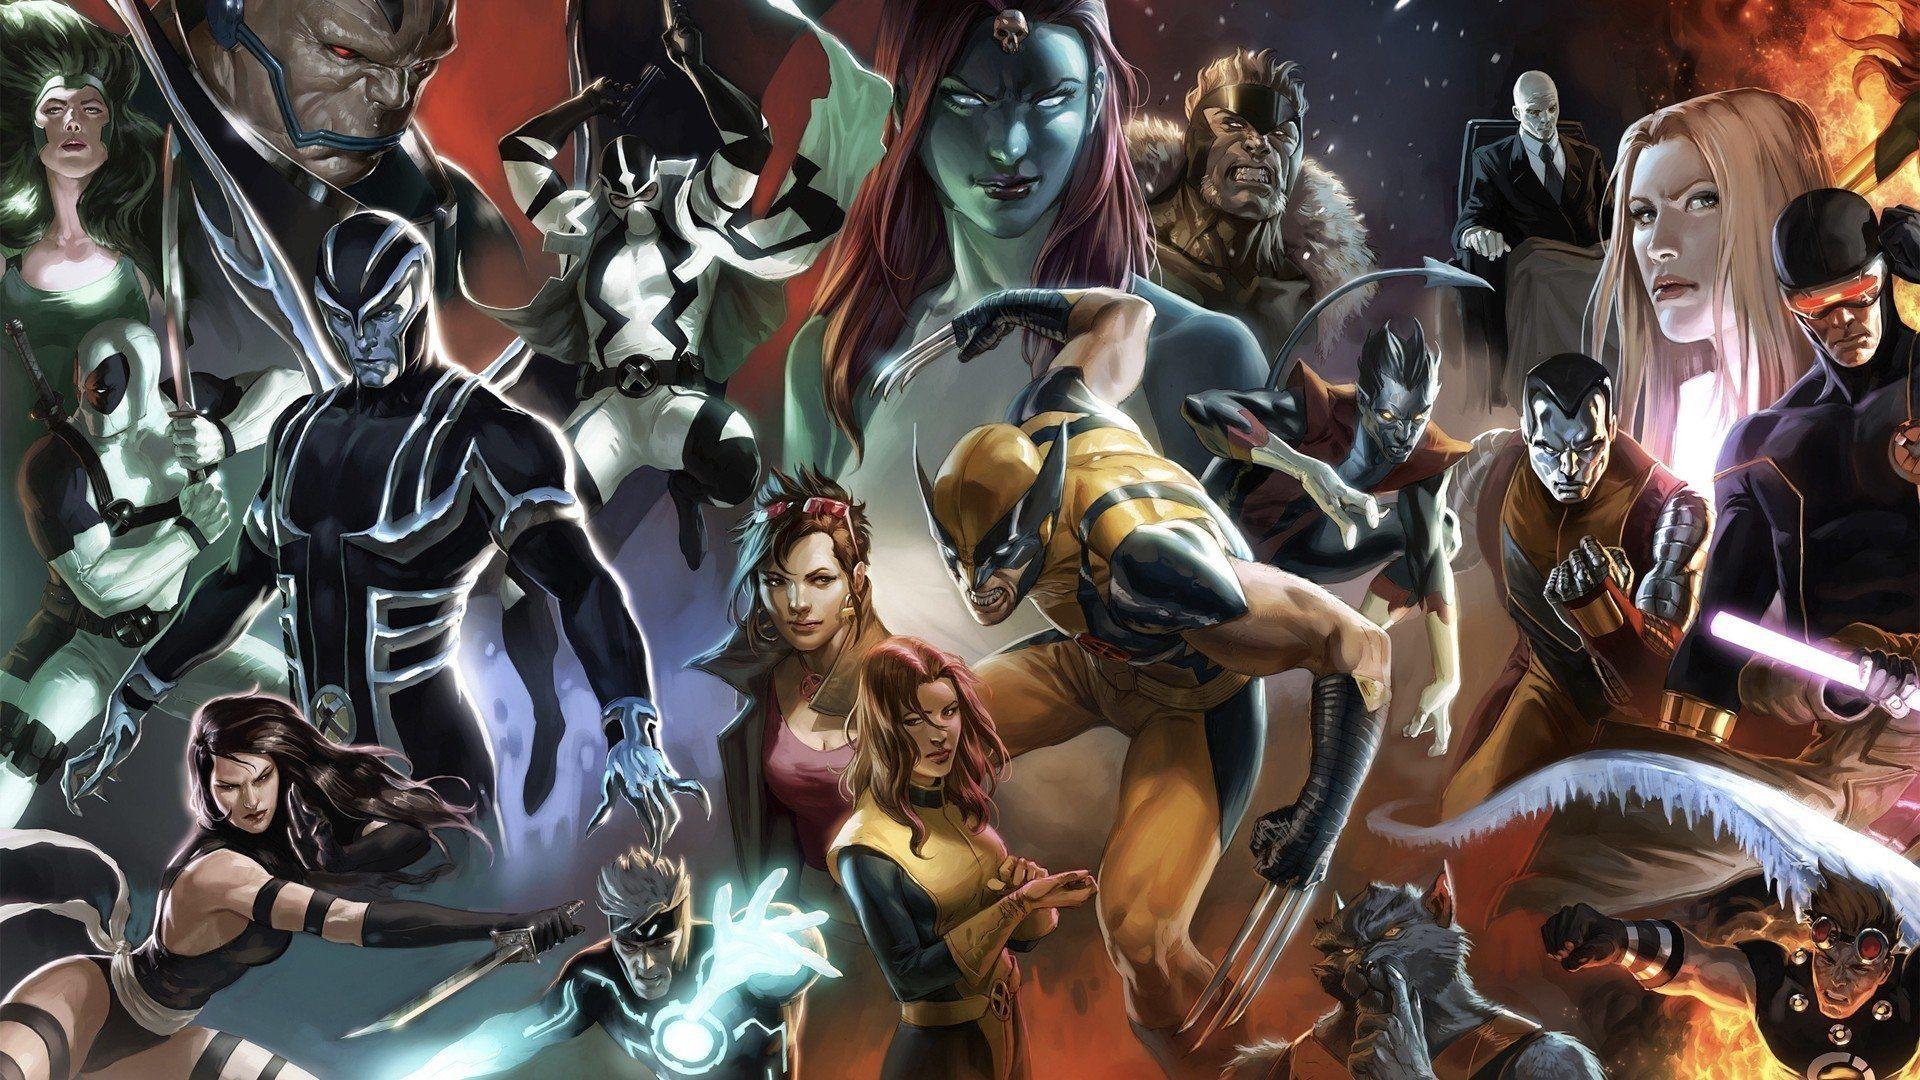 Monster hulk Superhero images, Hulk art, Hulk marvel